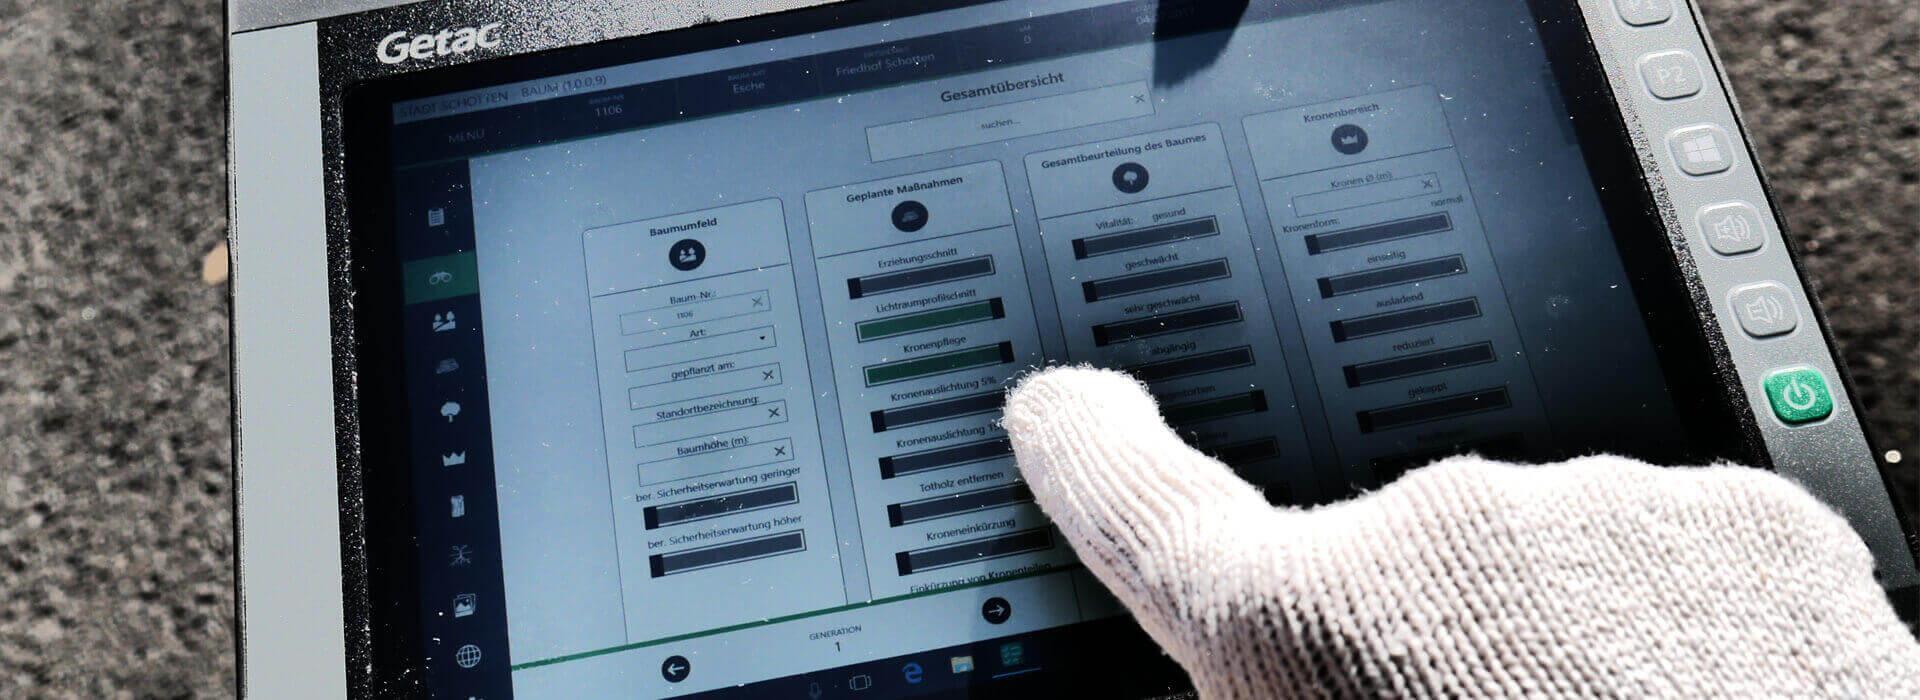 Mobile Datenerfassung mit dem DINOB-Tablet